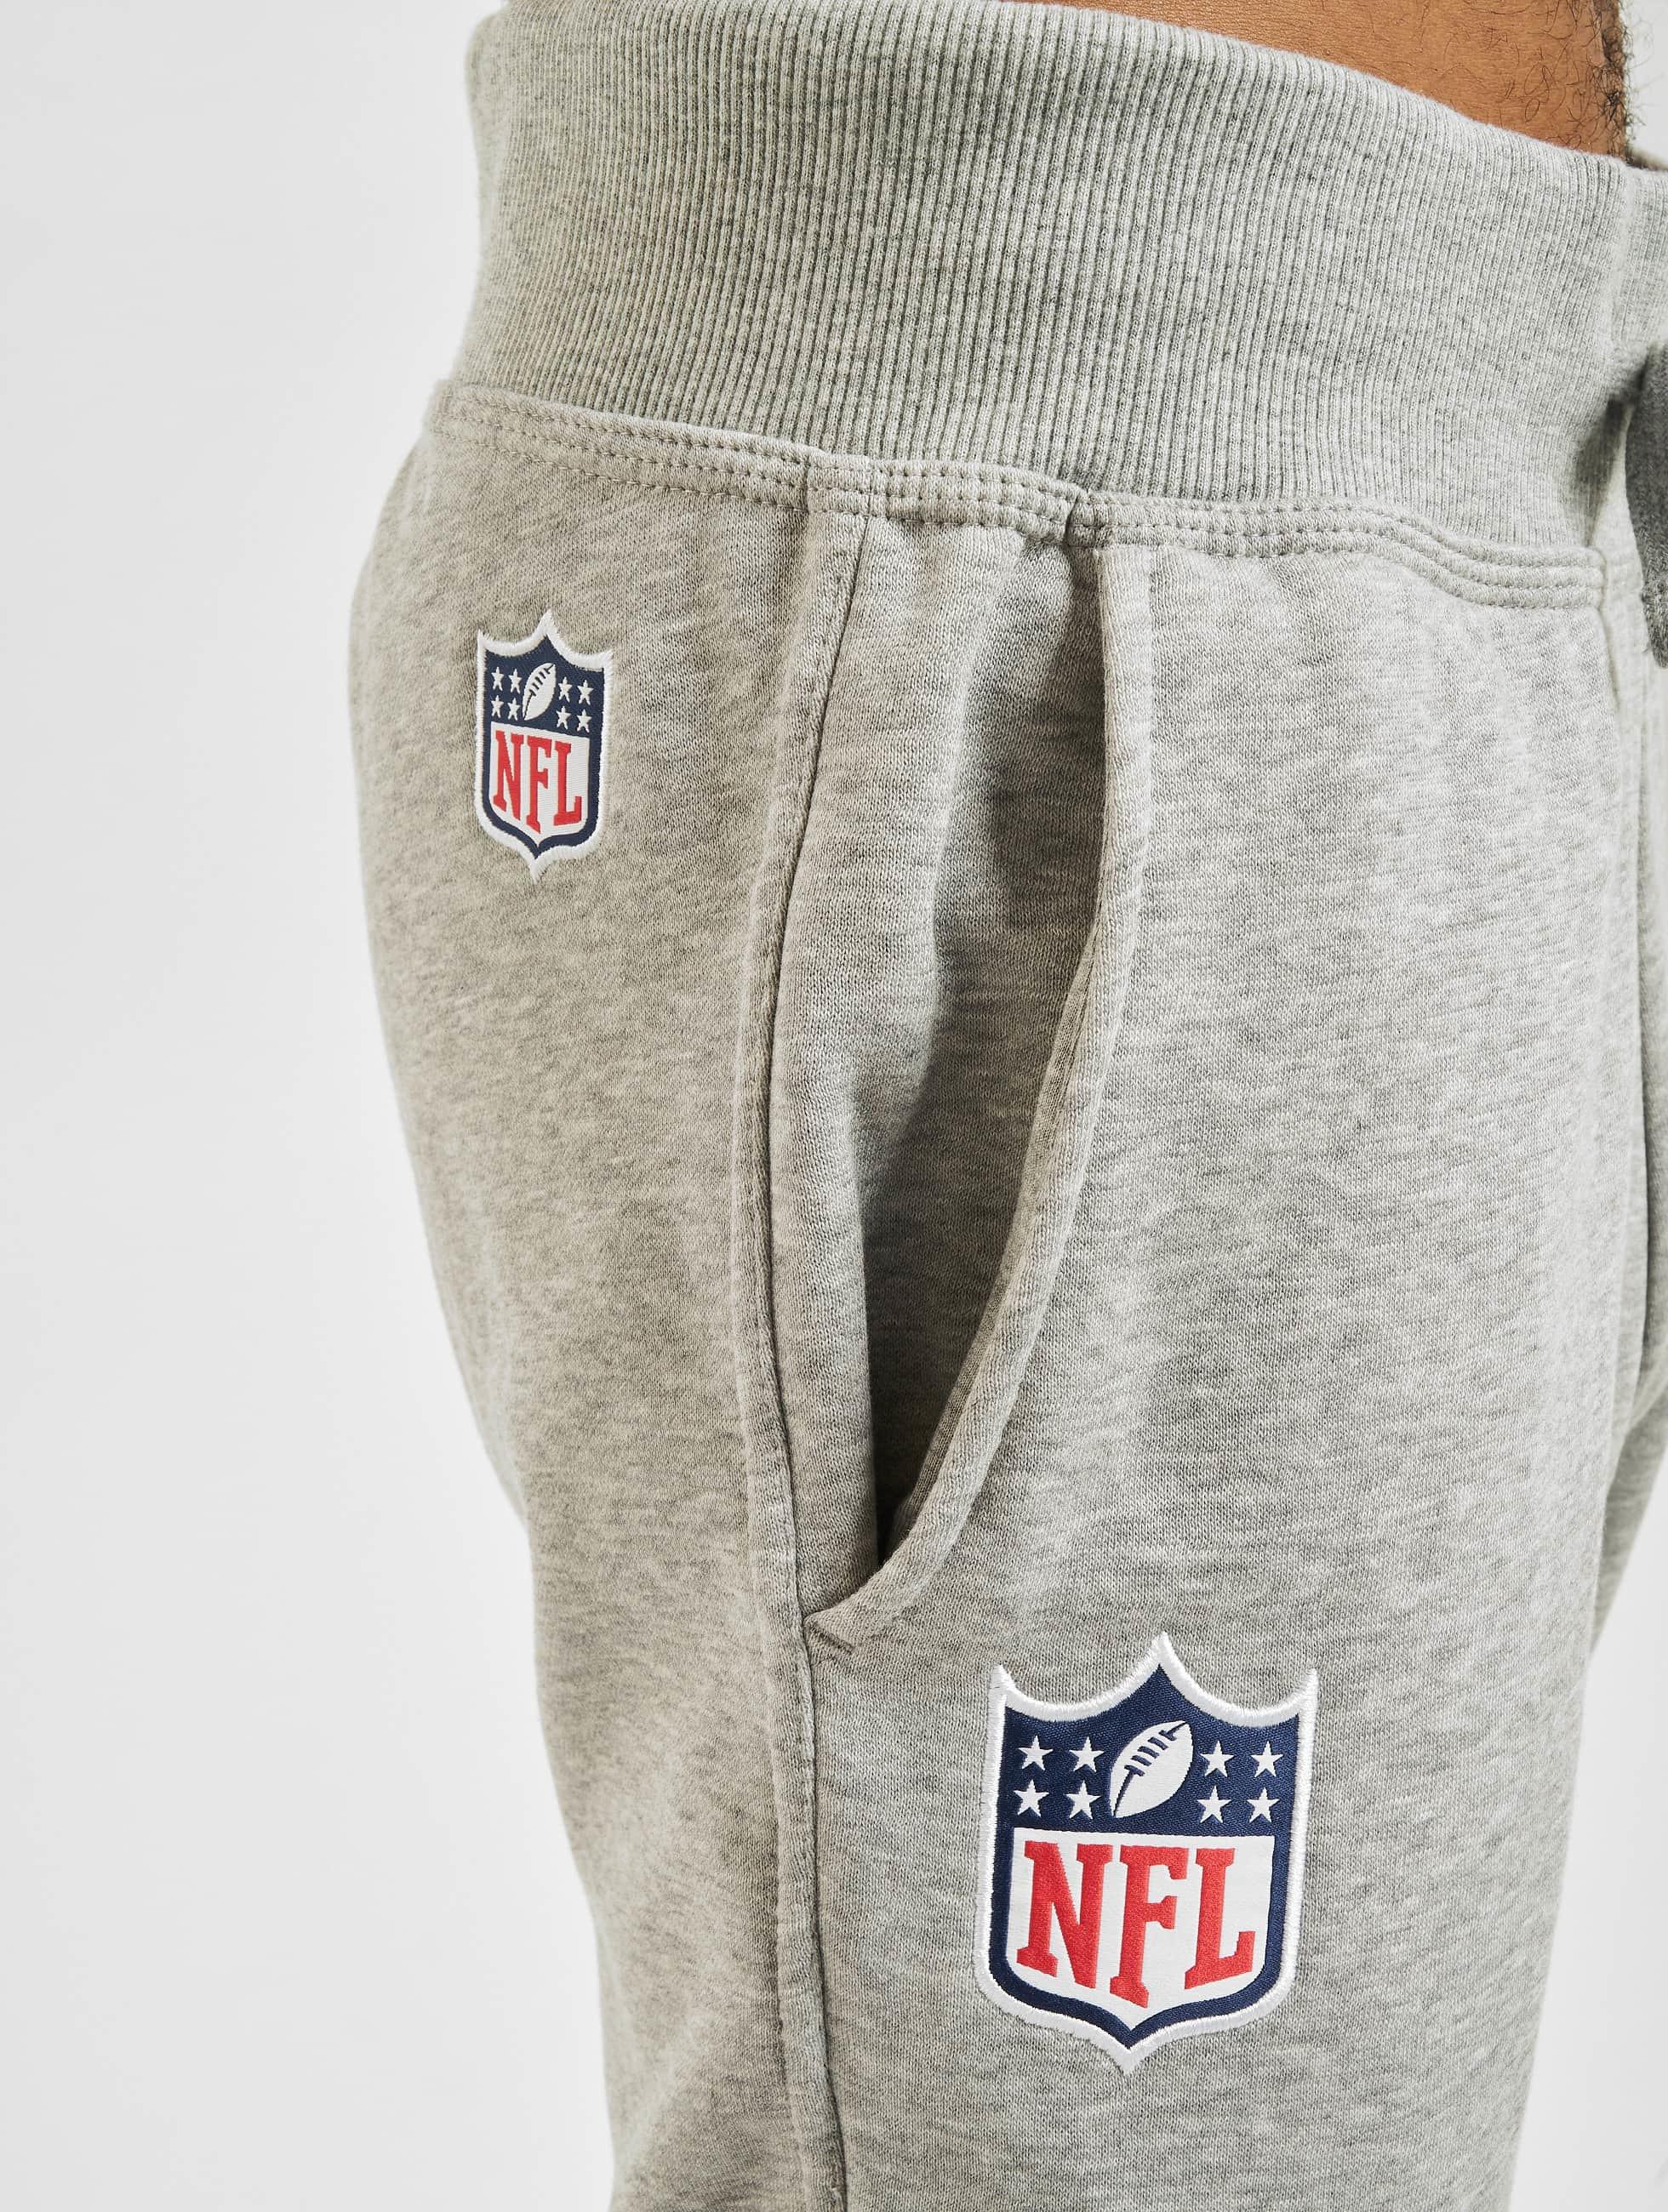 New Era joggingbroek NFL grijs